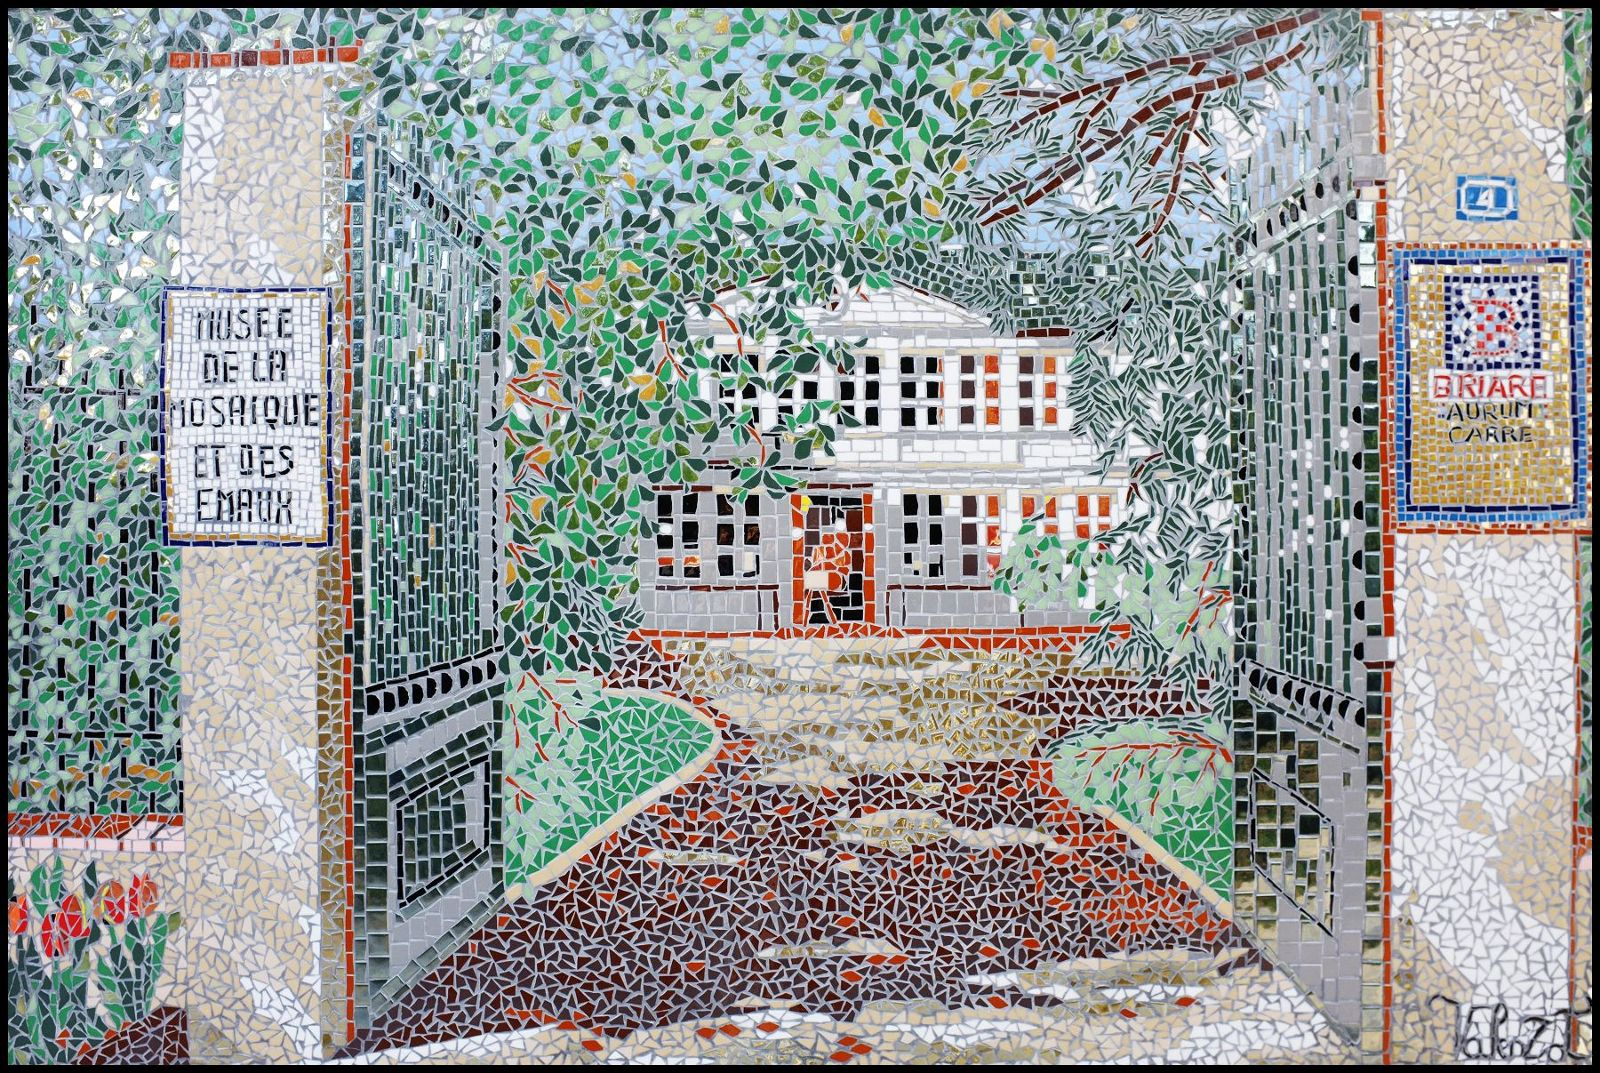 le musée des émaux Le Buisson chambres hôtes Briare